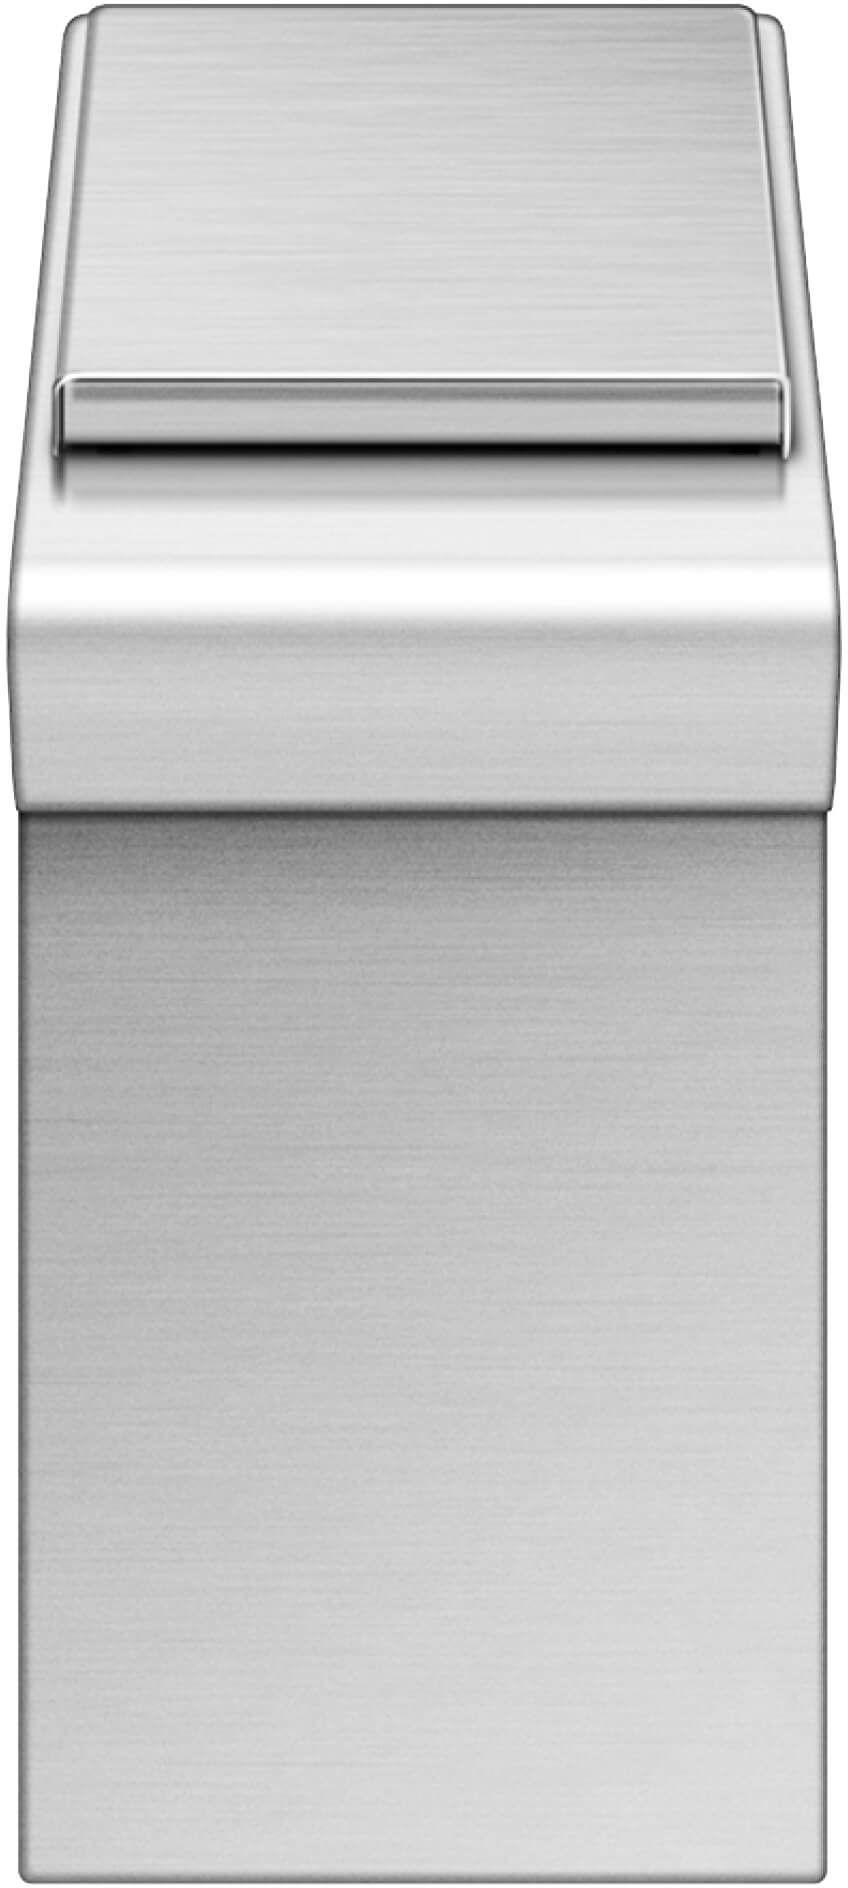 Stewartu0027s Appliance